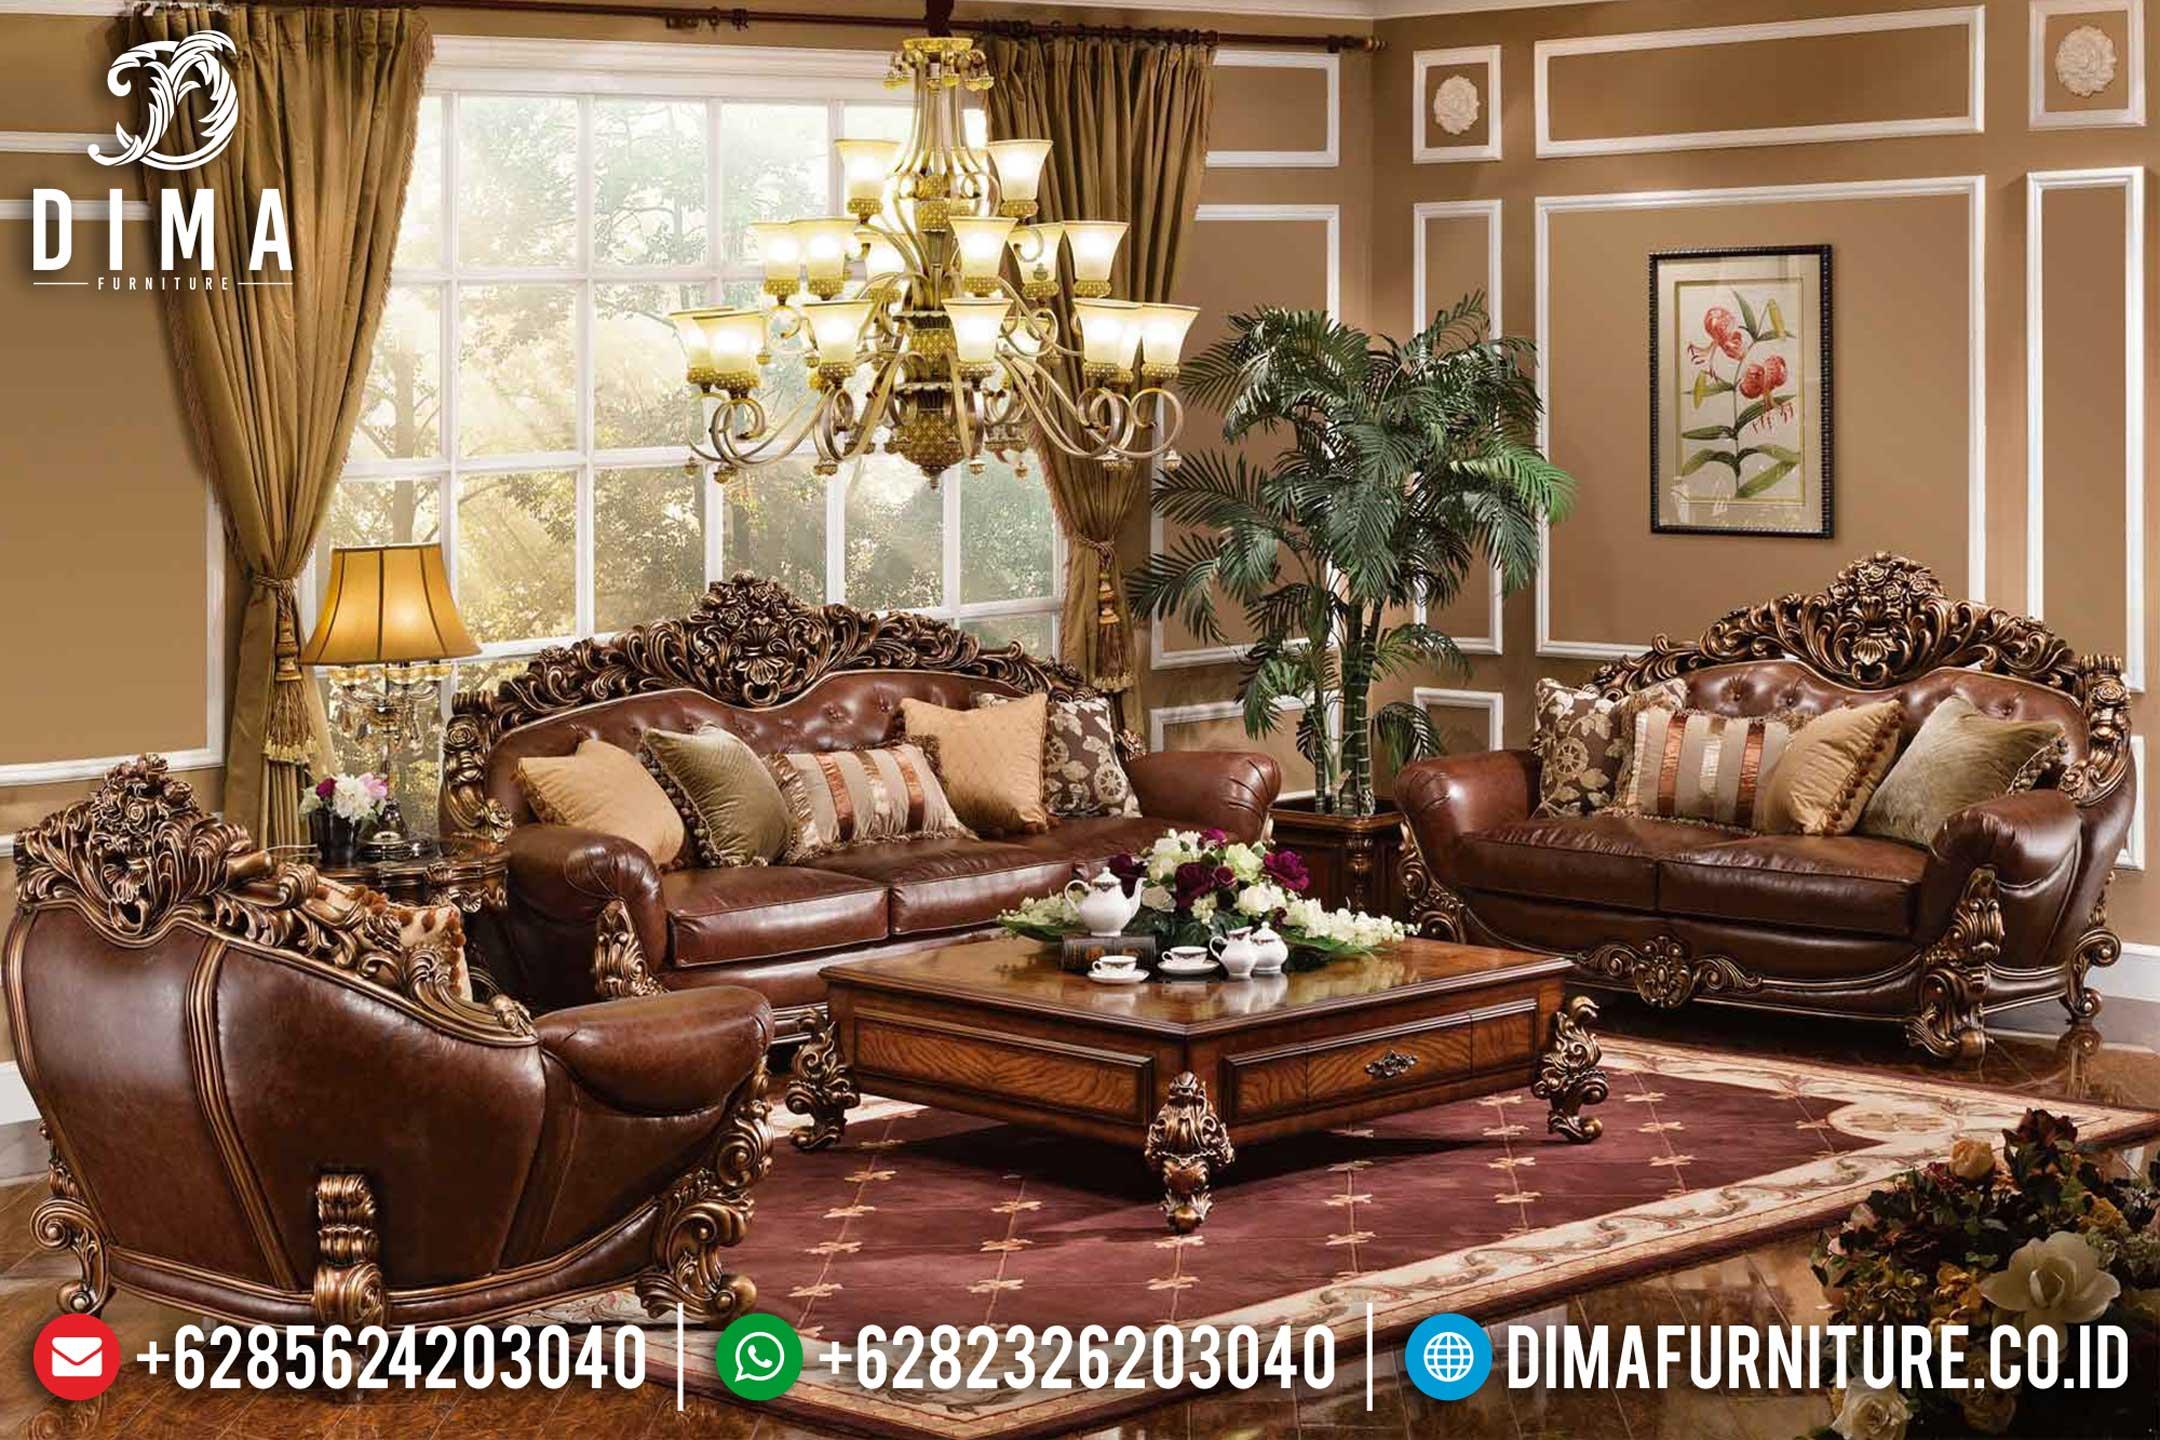 Jual Mebel Jepara Kursi Sofa Tamu Mewah Ukiran Terbaru ST-0408